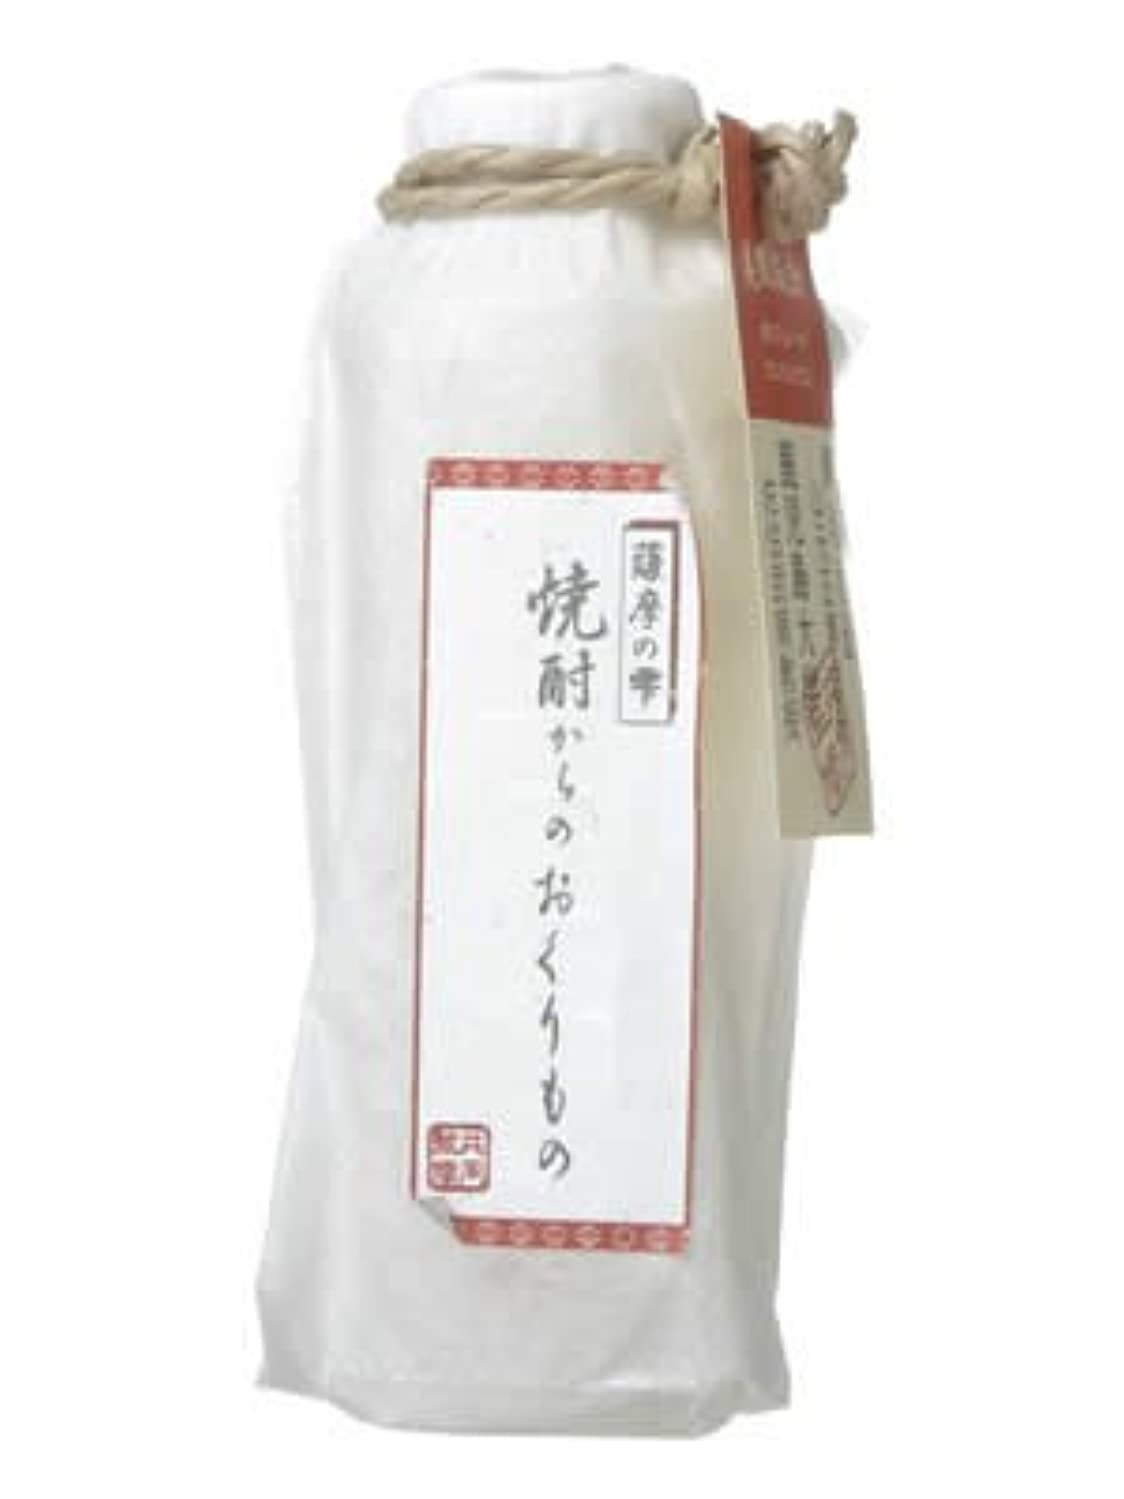 小さい眠る太鼓腹薩摩の雫 美容液(焼酎からのおくりもの) 200ml